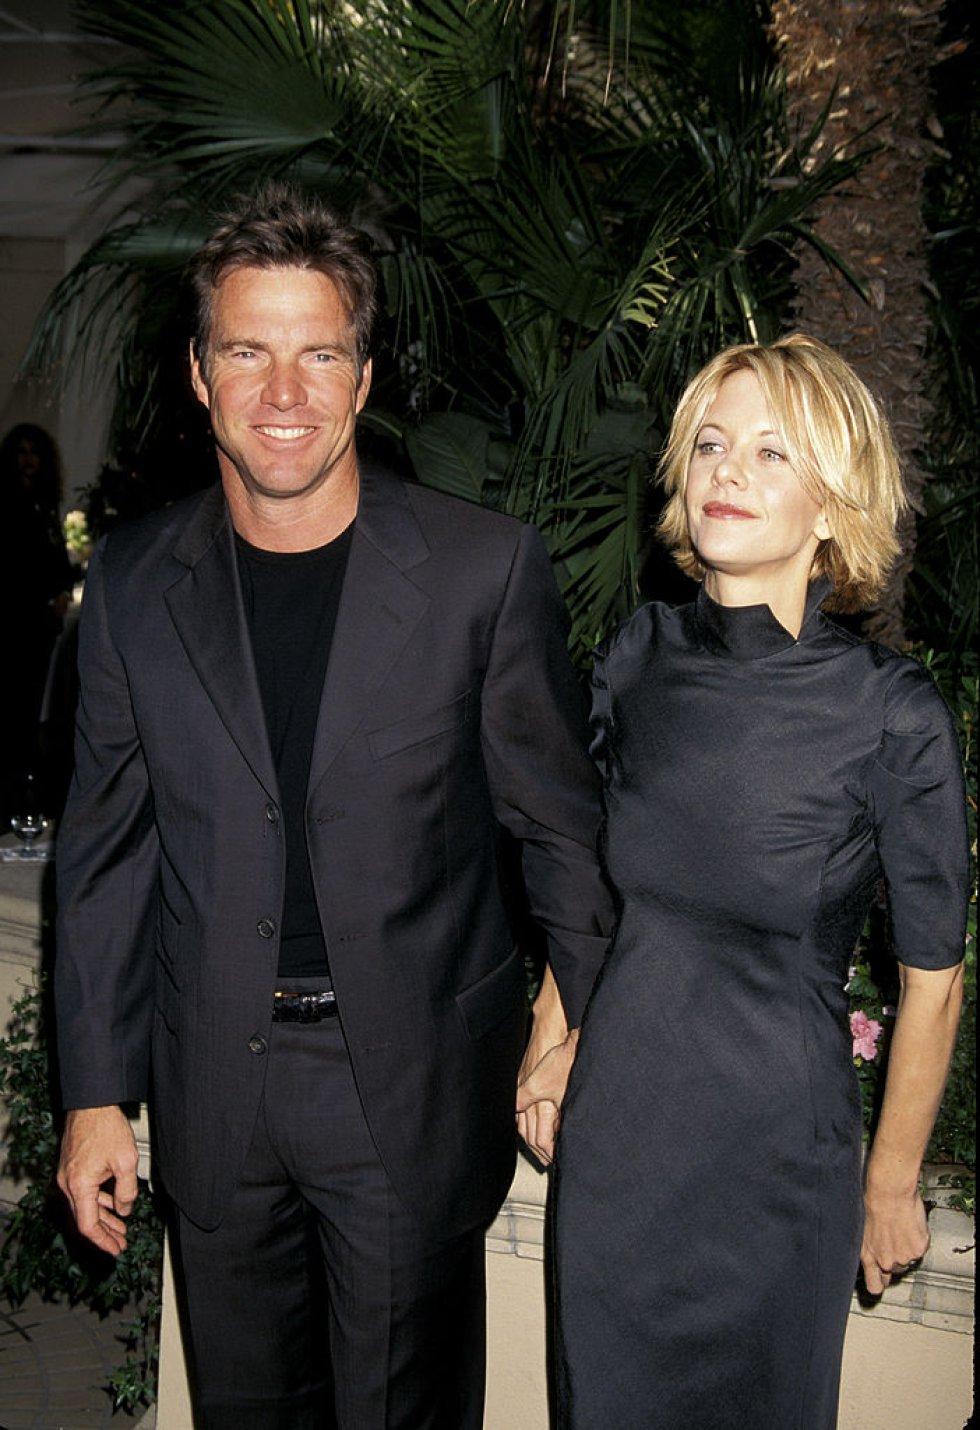 La actriz confesó haber sido culpable de su divorció con Dennis Quaid, a quien engañó con el protagonista de Gladiador, Rusell Crowe.